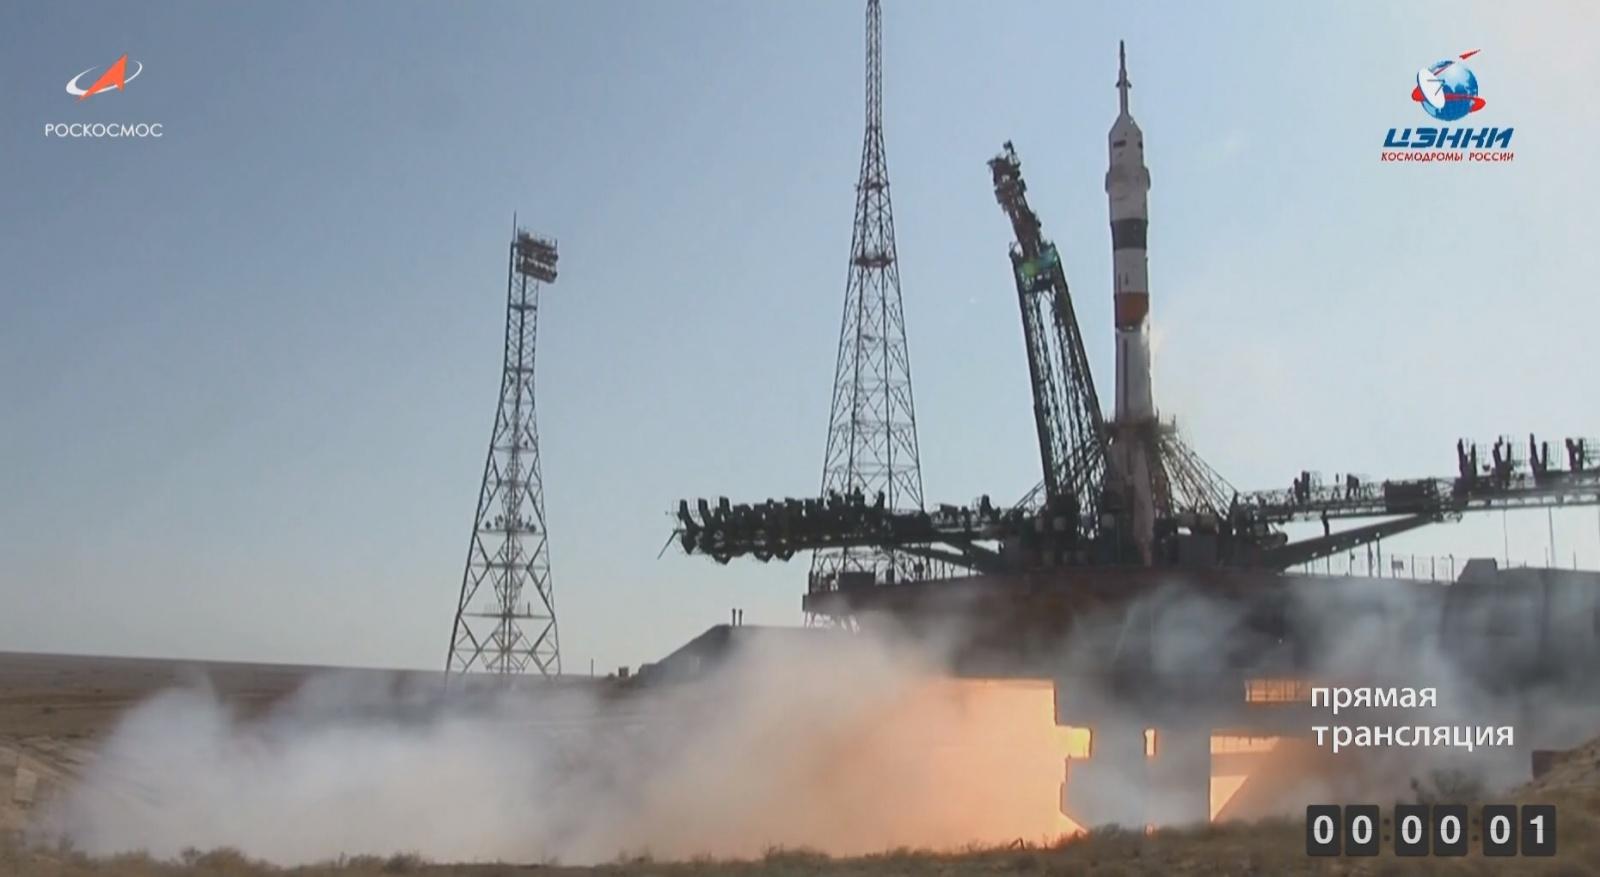 Успешно запущен на орбиту корабль «Союз МС-14» с роботом FEDOR (Skybot F-850) - 3